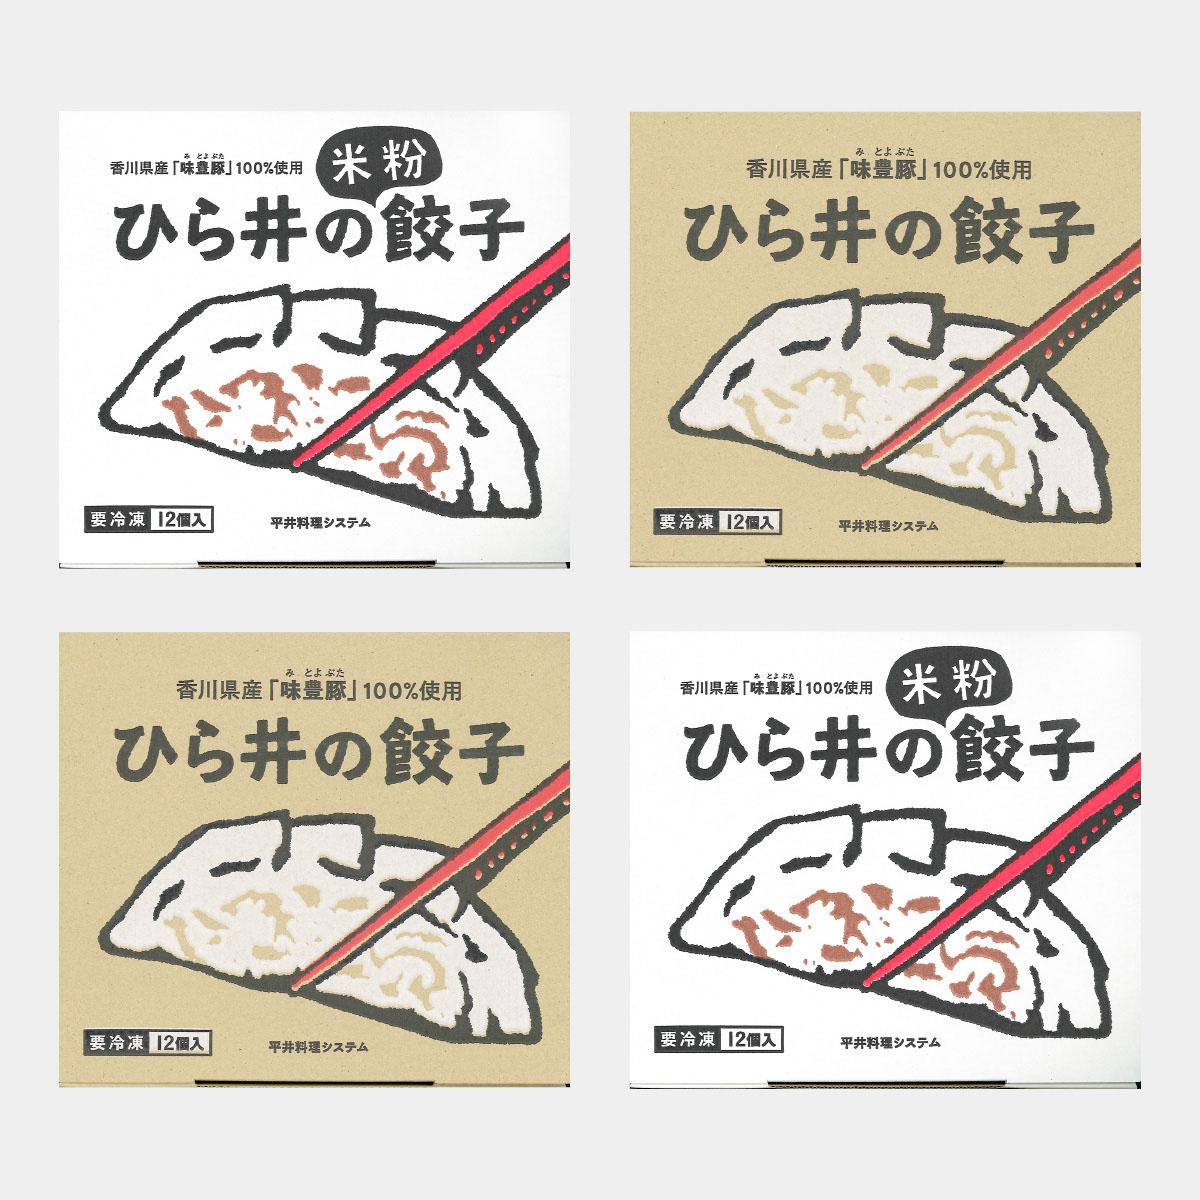 平井料理システム ひら井の米粉餃子 パッケージ